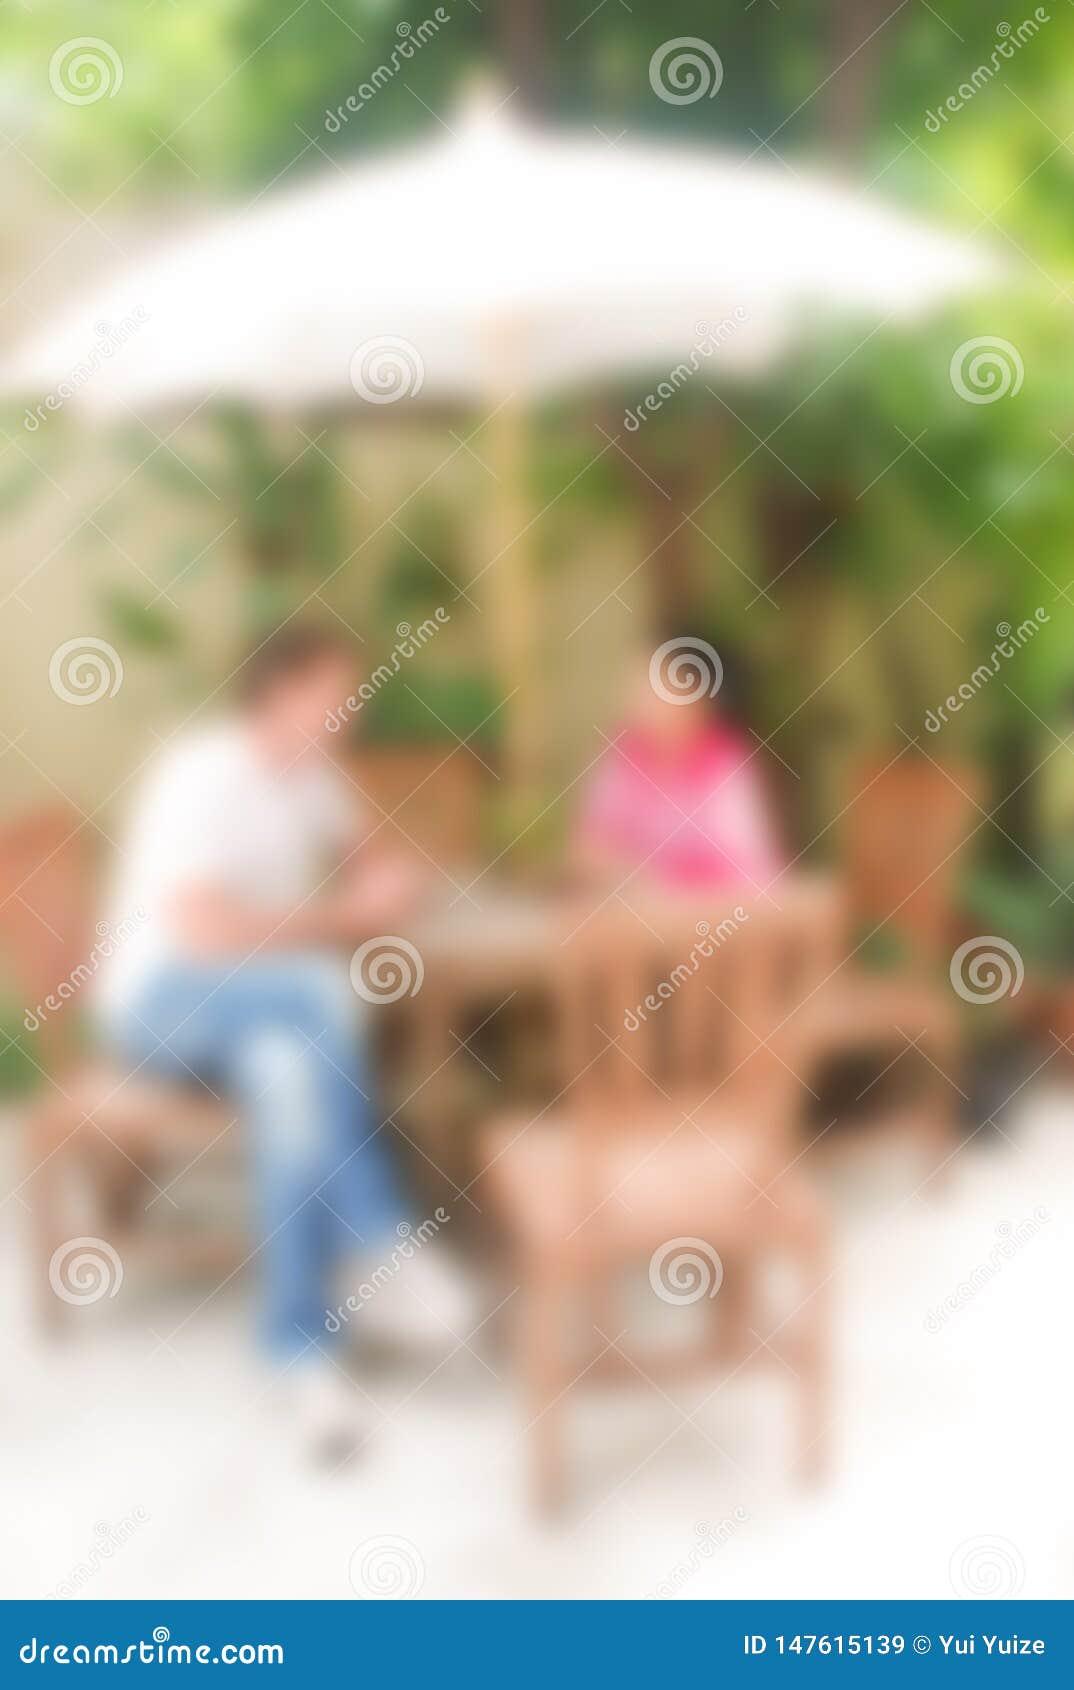 Unscharfer Hintergrund, Mann und Frau sprechen oder Diskussion etwas, Unschärfebildkonzept